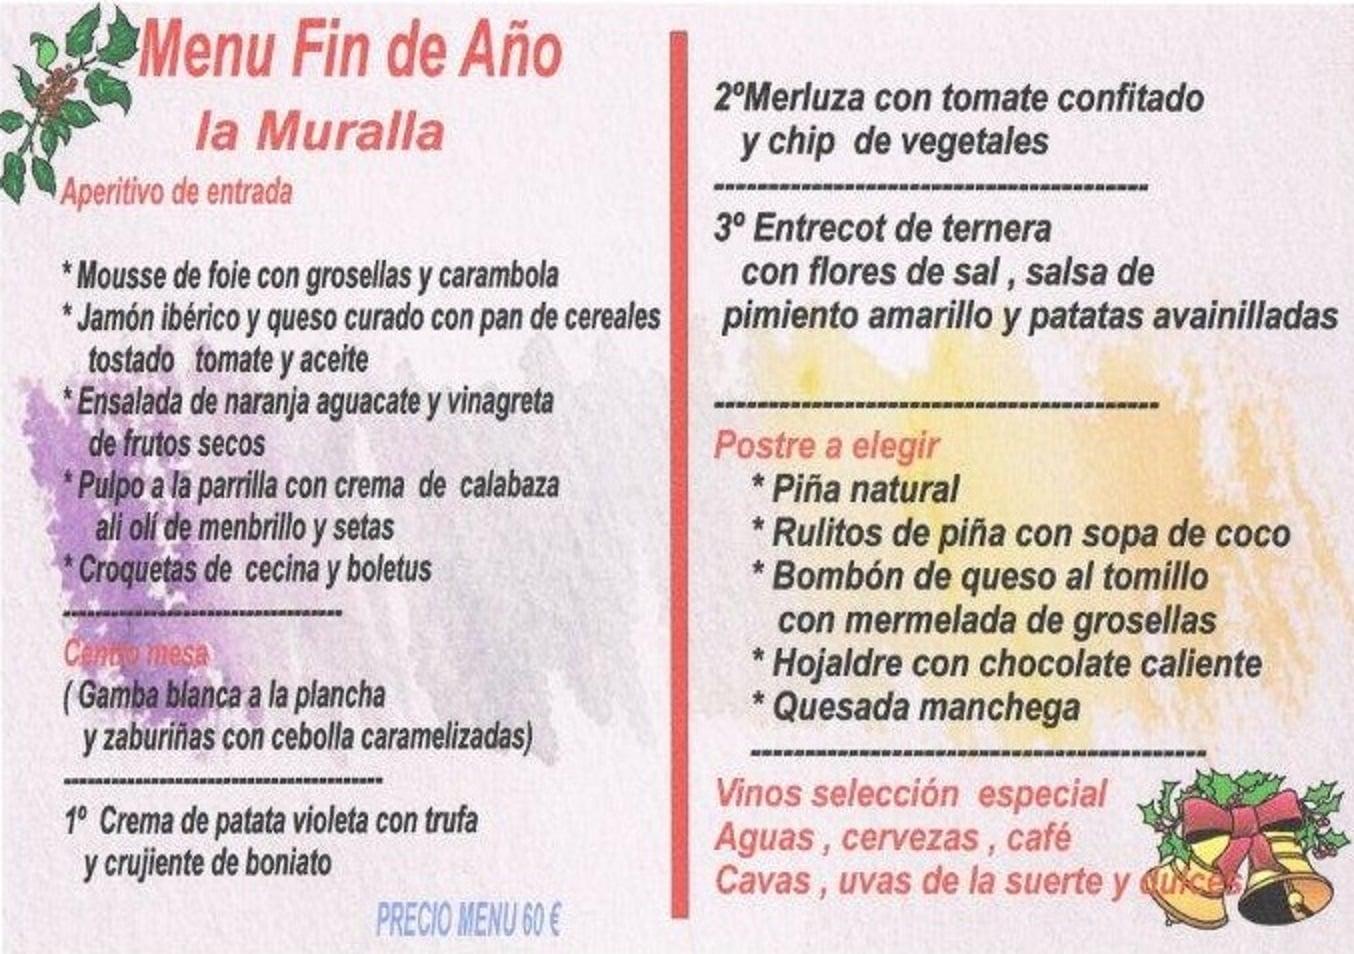 Menu fin de año Cuenca